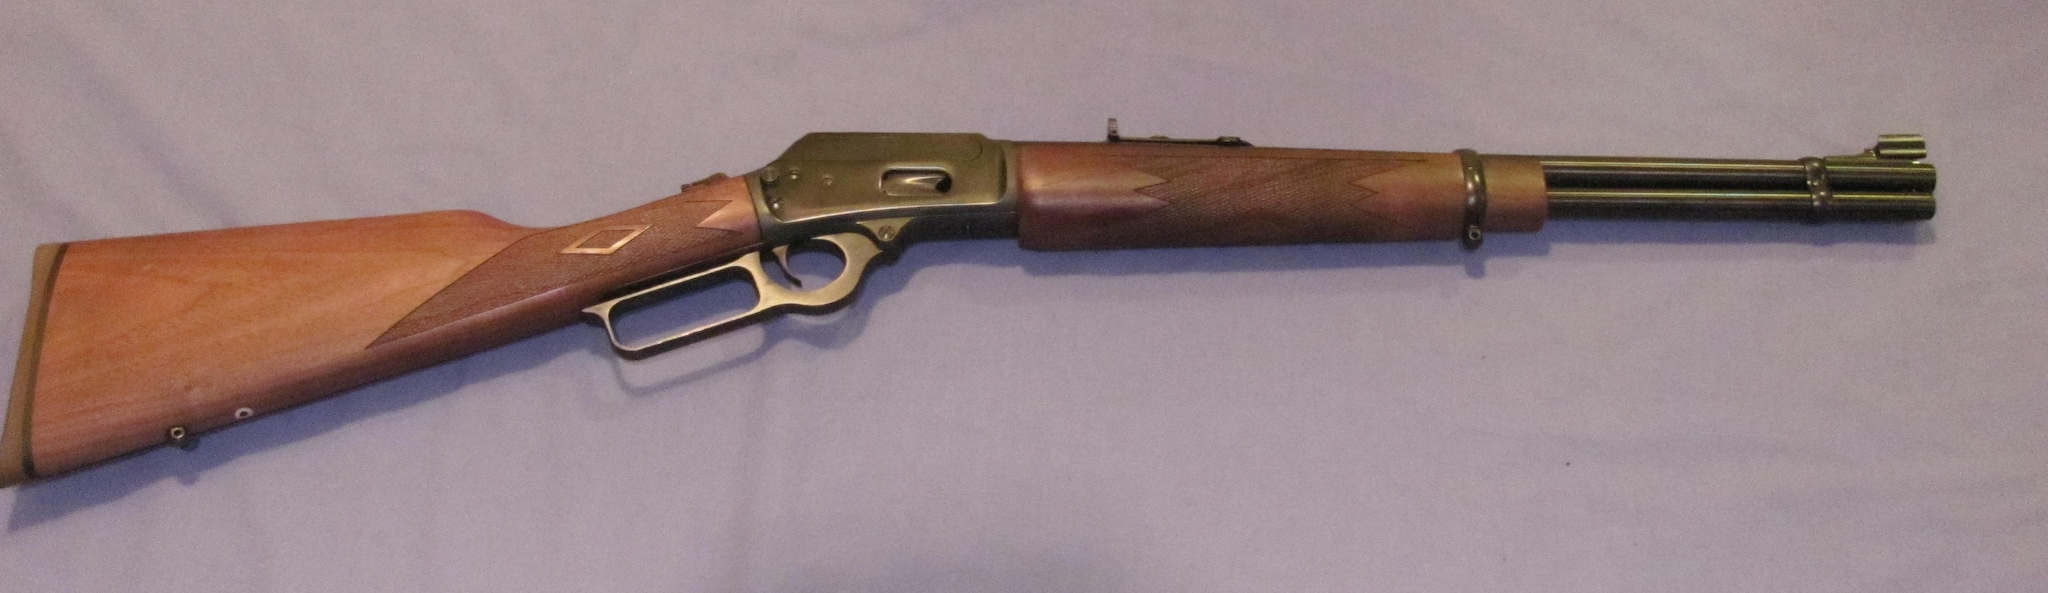 Marlin 1894C